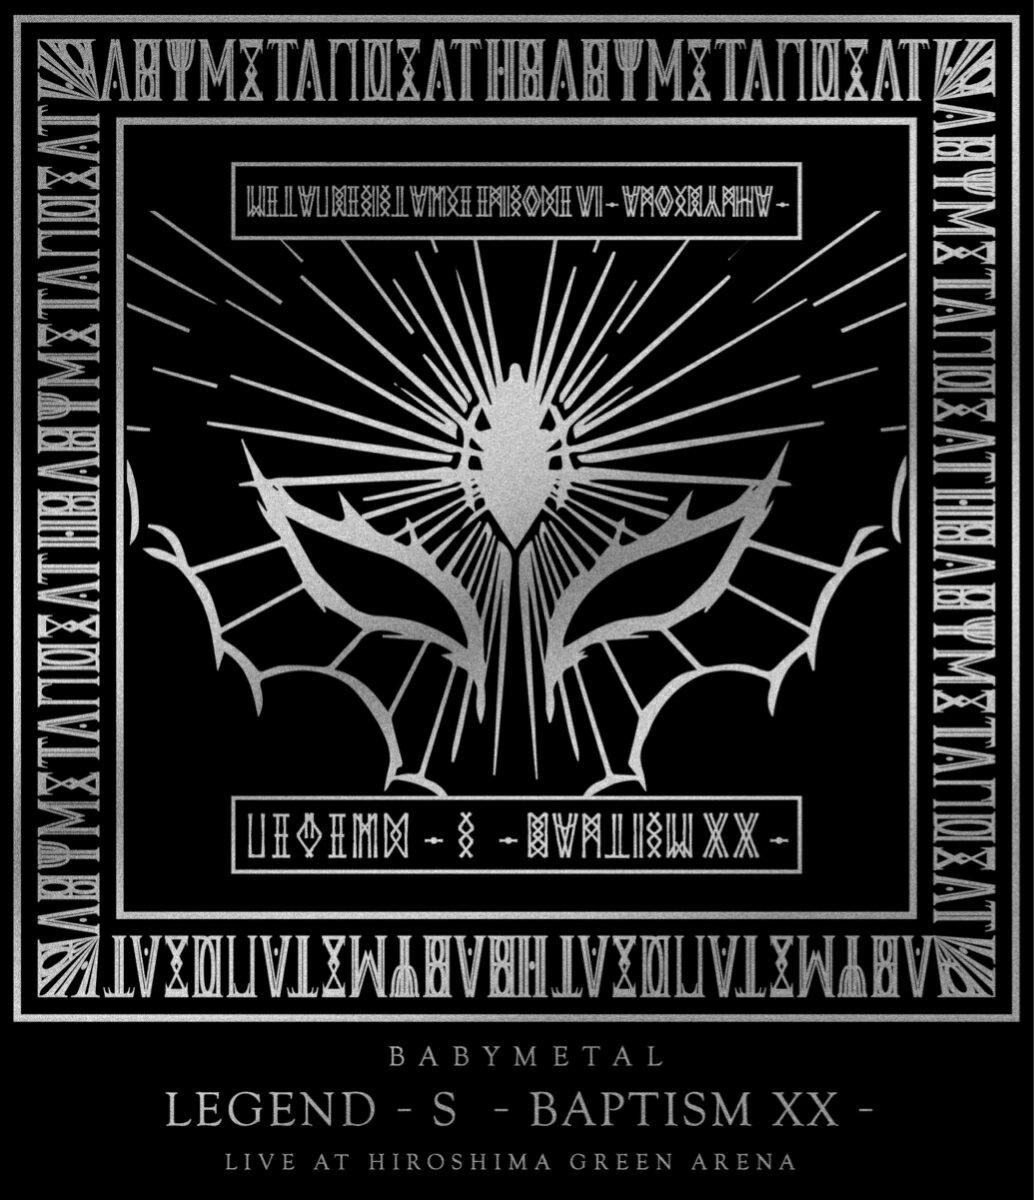 ミュージック, その他 LEGEND - S - BAPTISM XX -(LIVE AT HIROSHIMA GREEN ARENA)Blu-ray BABYMETAL